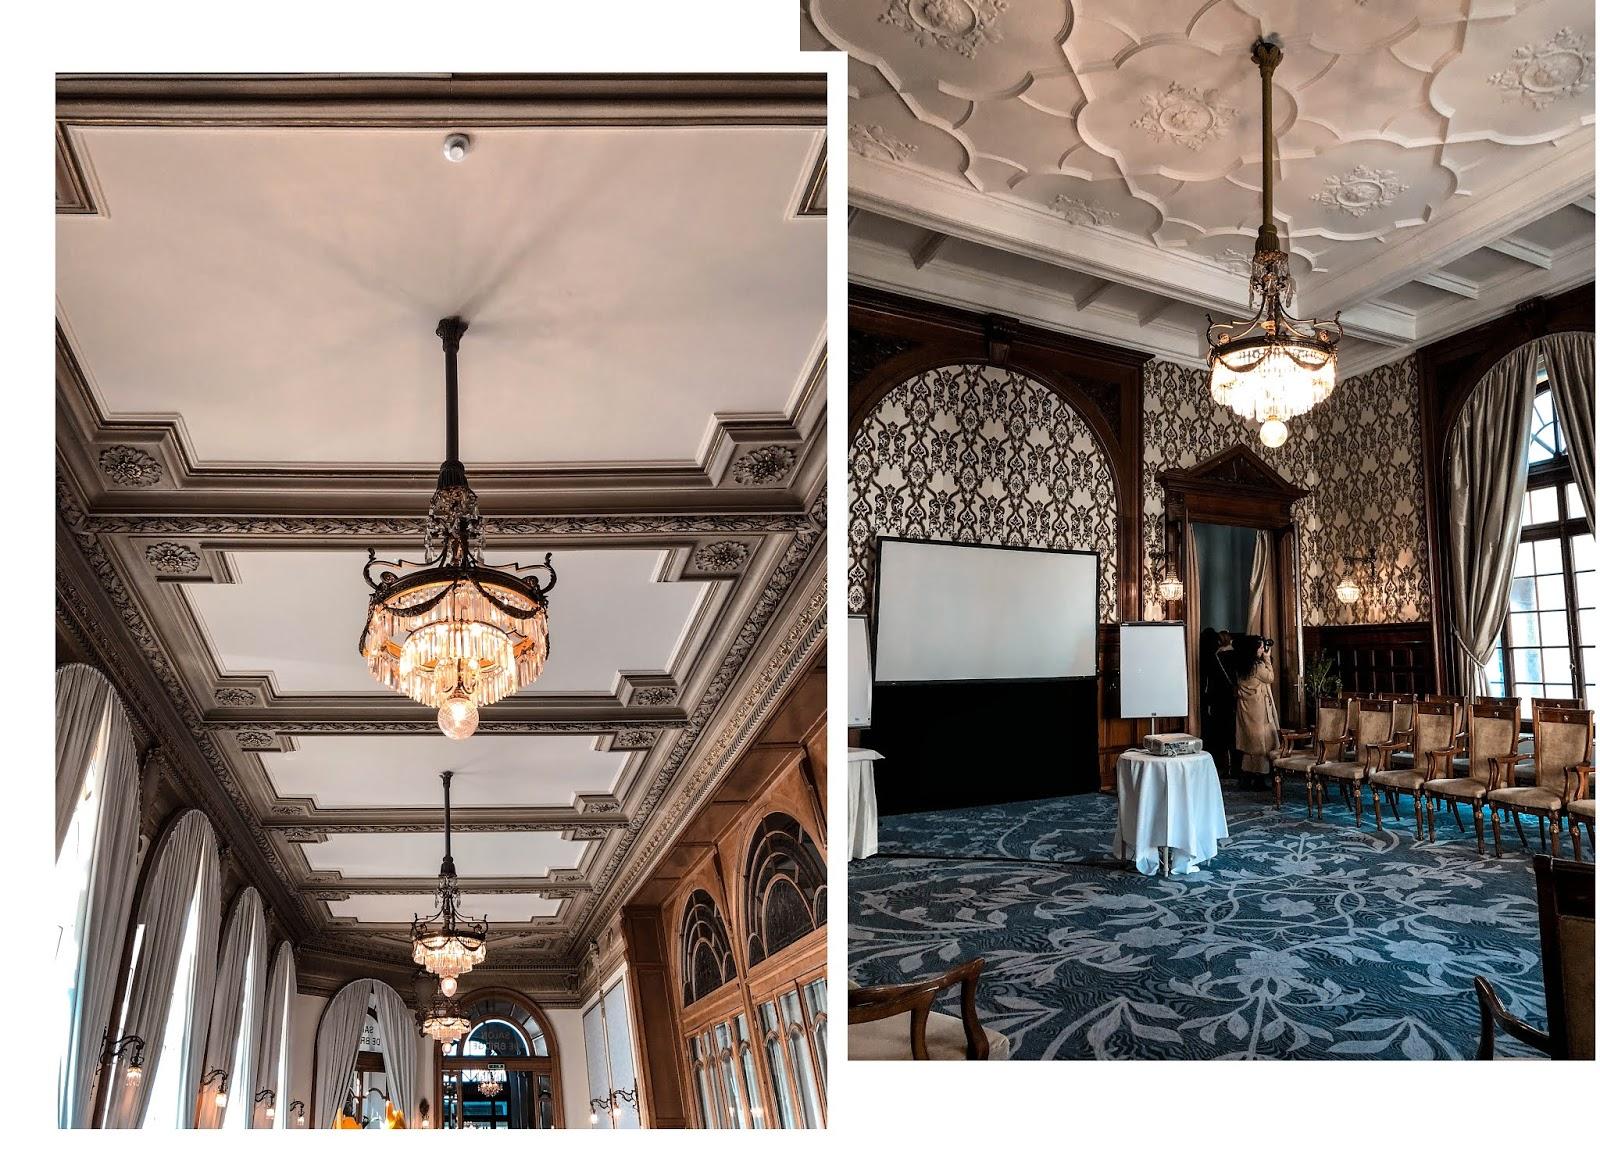 Fairmont Palace Montreux hôtel luxe